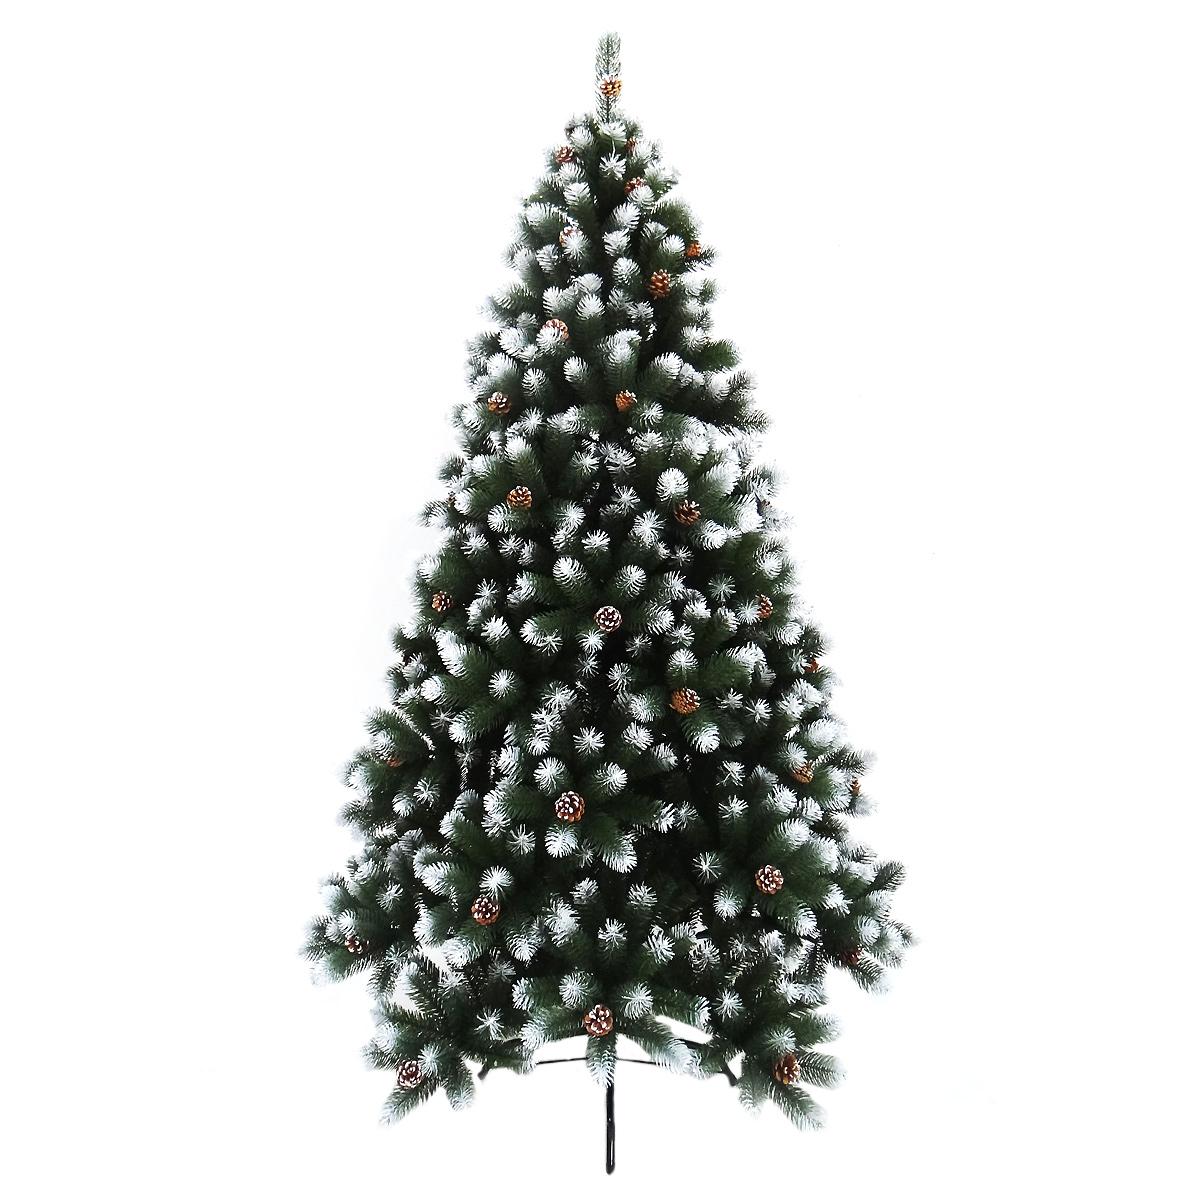 Ель искусственная, заснеженная, с шишками, высота 180 смHJT08S-180Искусственная елка, выполненная из ПВХ - прекрасный вариант для оформления интерьера к Новому году. Елка украшена шишками, ветки частично заснежены, некоторые выполнены из двухцветного (зеленого и белого) материала. Основные ветки плотно прикреплены к основанию. Ветки елки достаточно крепкие, что позволяет им не гнуться и не прогибаться под тяжестью игрушек, легко и быстро распушаются. Иголки не осыпаются, не мнутся, со временем не выцветают. Сказочно красивая новогодняя елка украсит интерьер вашего дома и создаст теплую и уютную атмосферу праздника. Откройте для себя удивительный мир сказок и грез. Почувствуйте волшебные минуты ожидания праздника, создайте новогоднее настроение вашим дорогим и близким. В комплекте: металлическая подставка, болты, ствол, верхушка, инструкция. Для сборки нужно соединить части и распушить веточки.